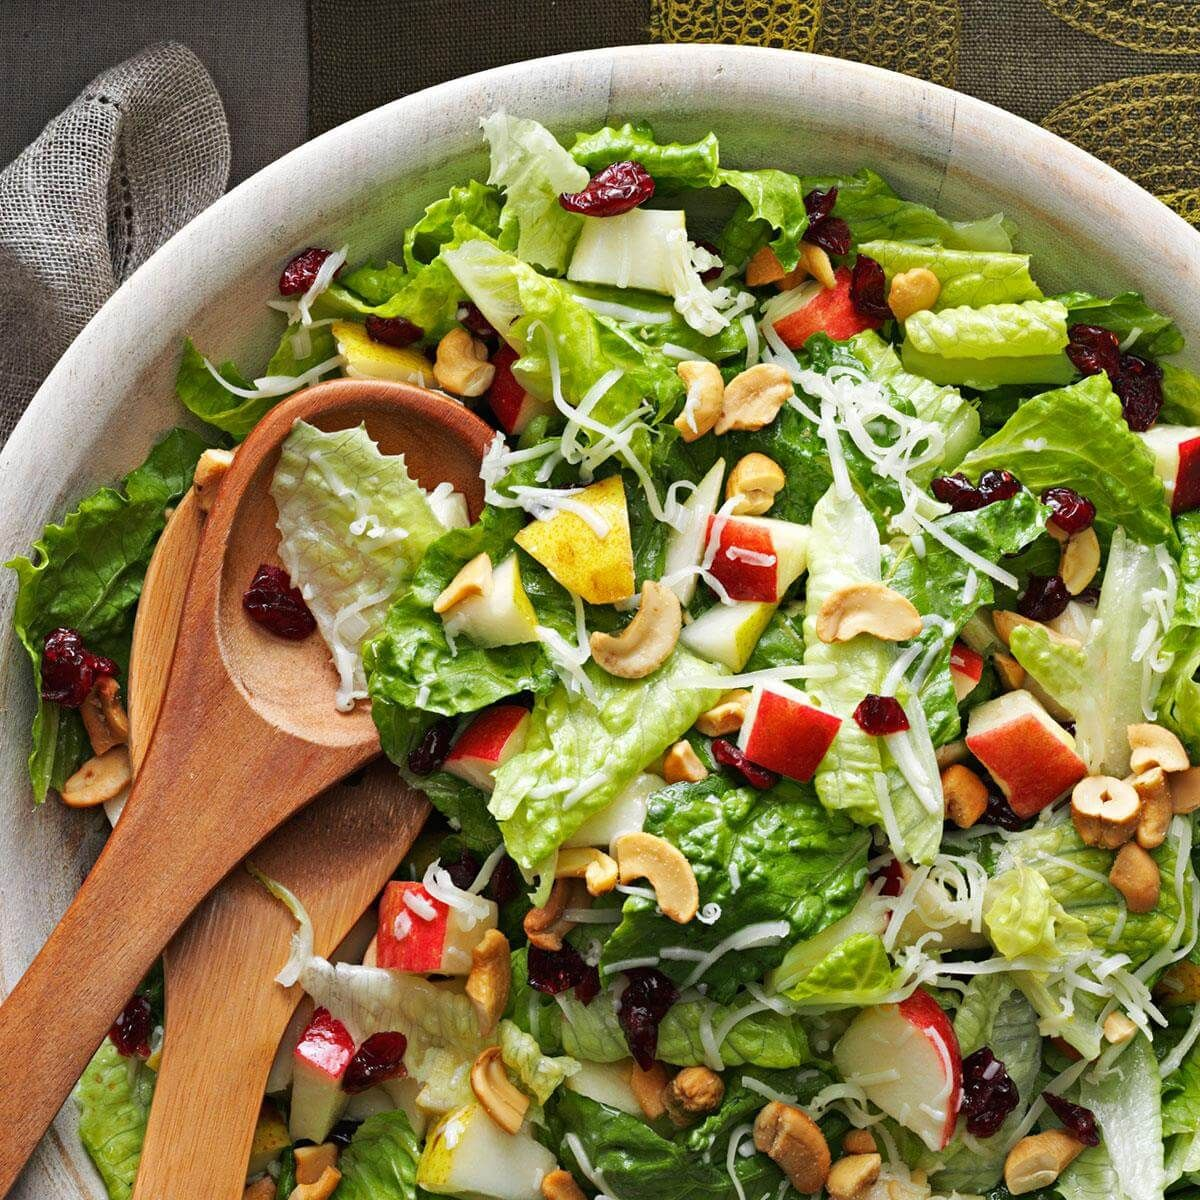 Салатики Легкие Диеты. Рецепты диетических салатов для похудения